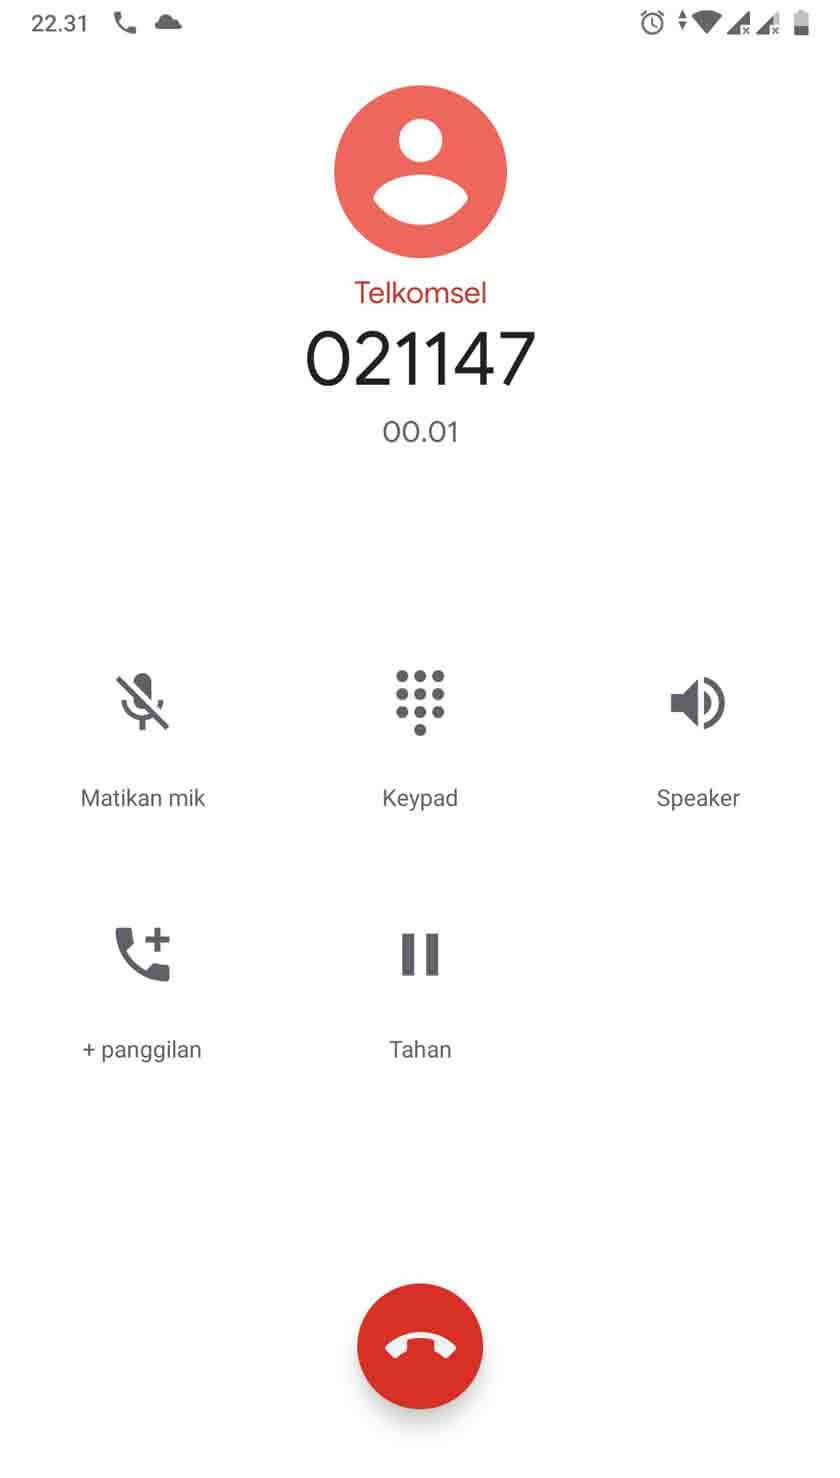 cek tagihan telkom rumah